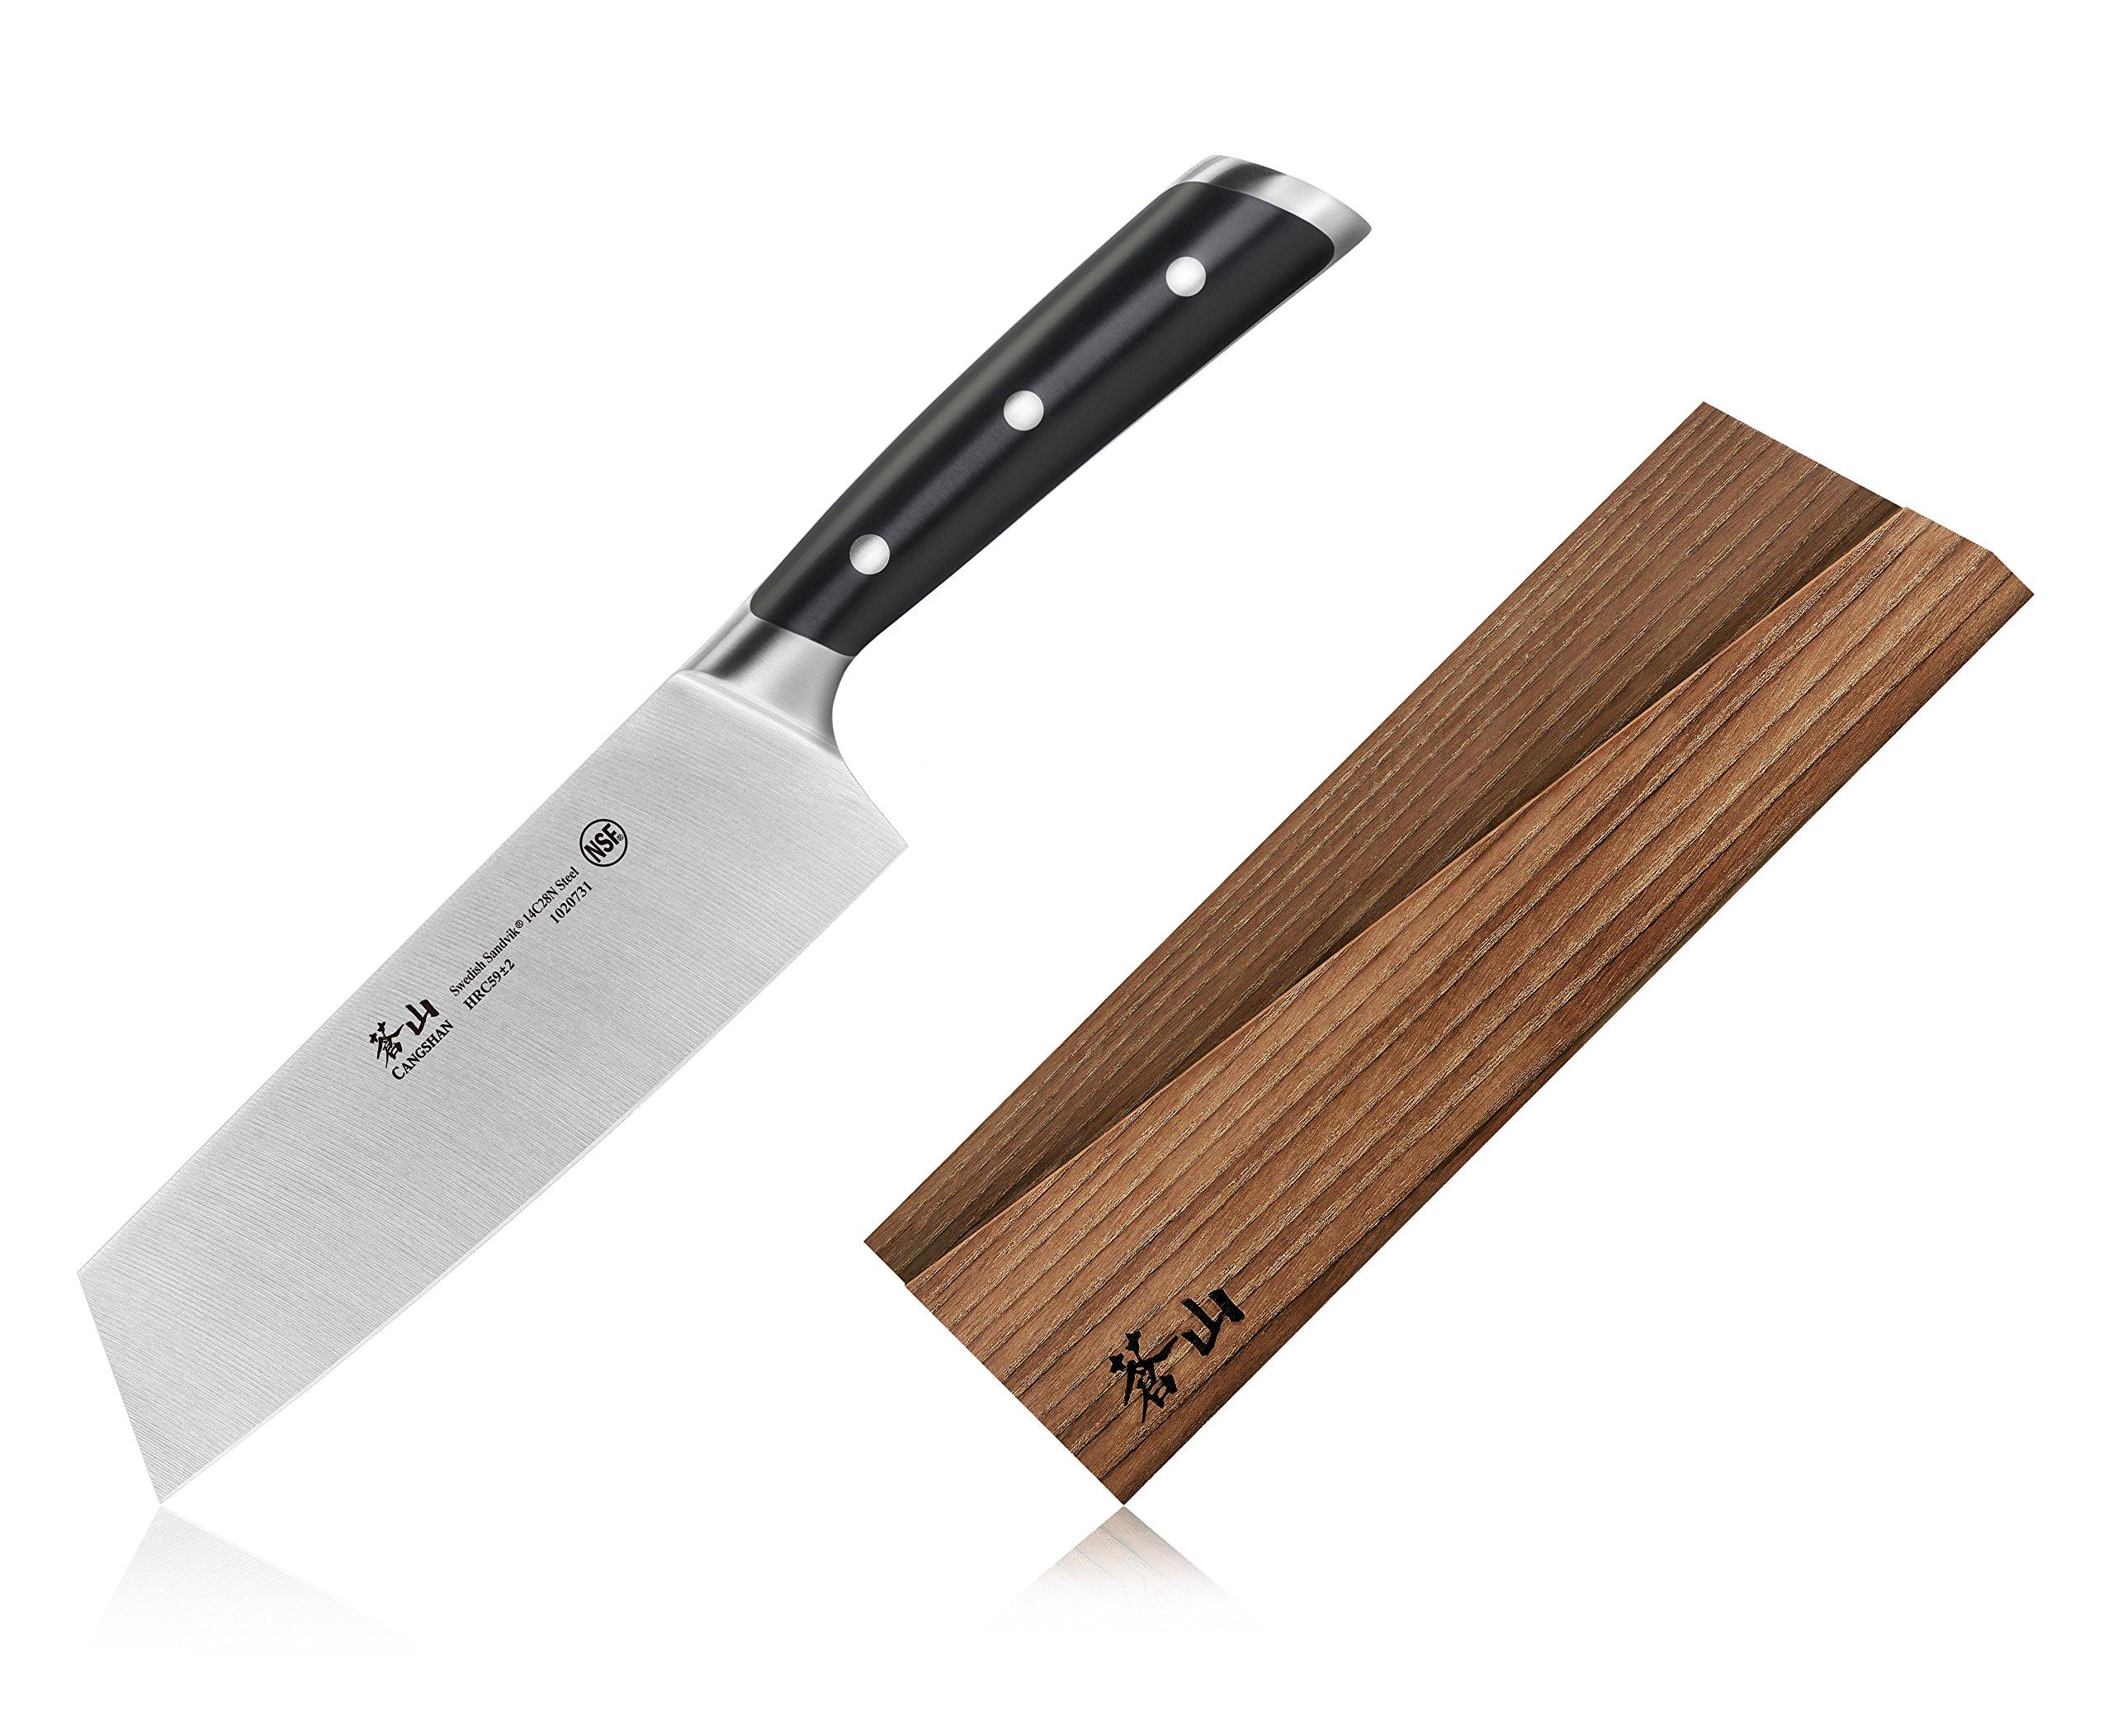 Cangshan TS Series 1020748 Swedish Sandvik 14C28N Steel Forged 7-Inch Nakiri Knife and Wood Sheath Set